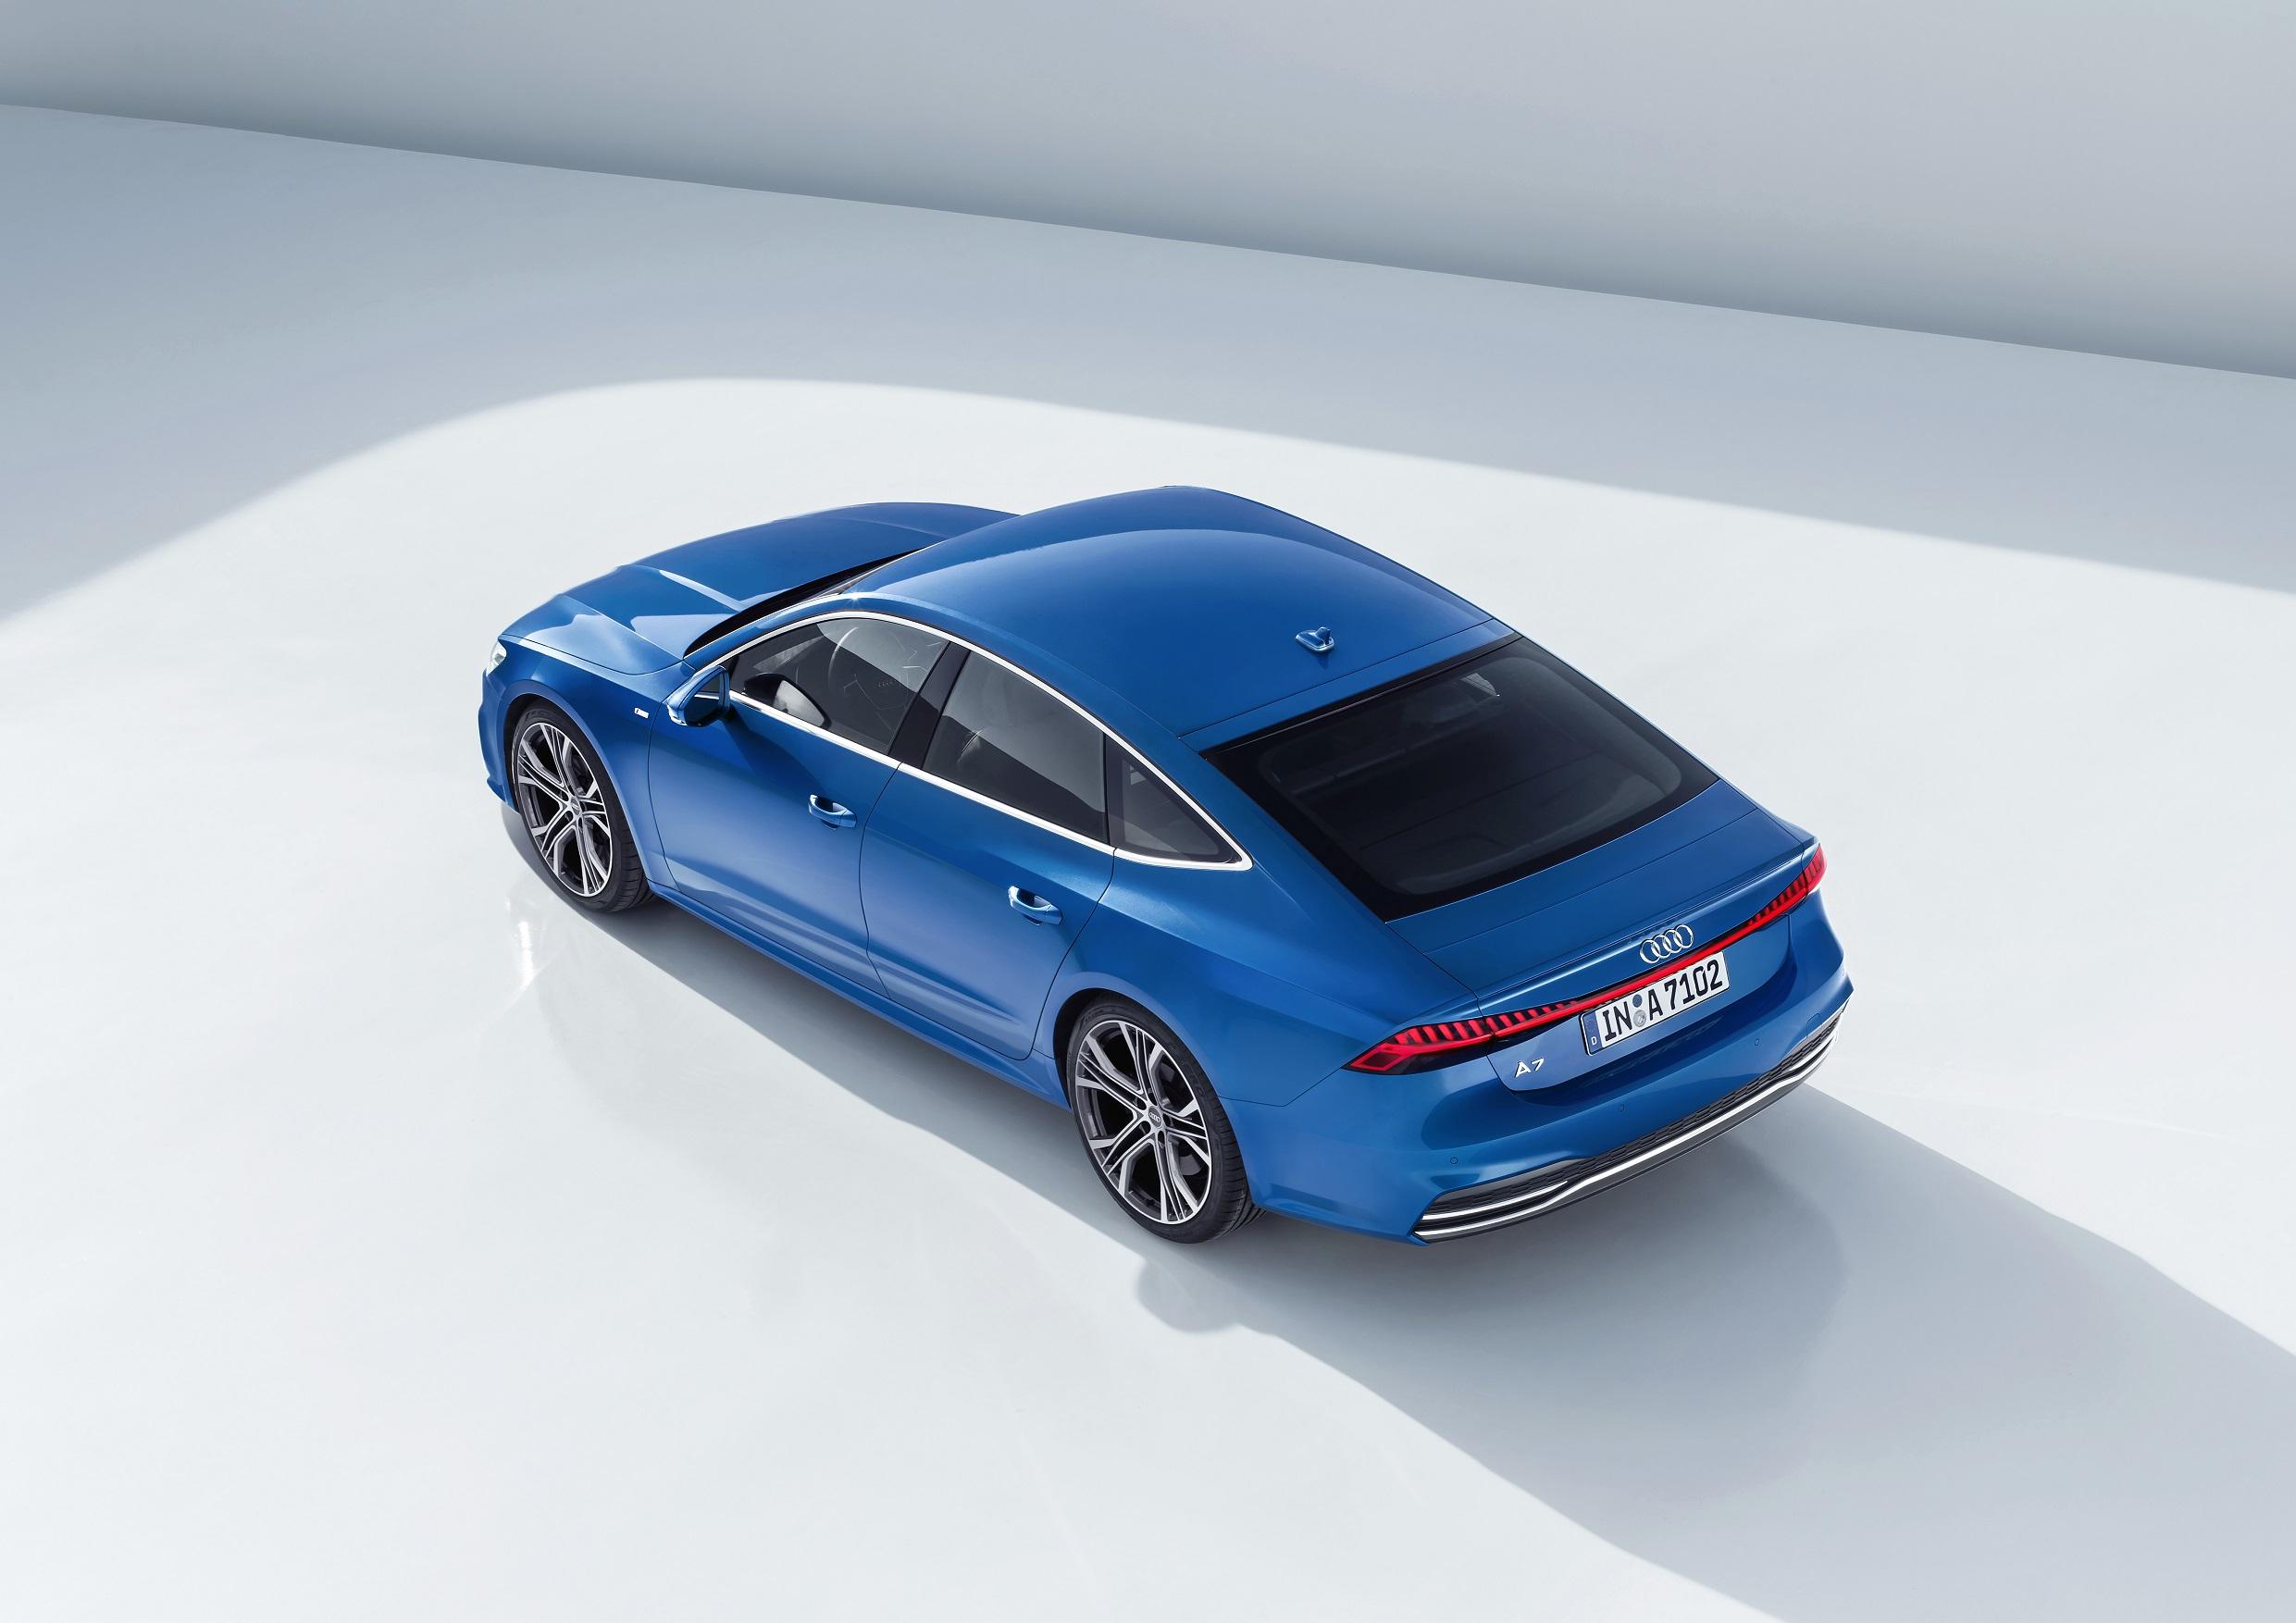 Νέο Audi A7 – το Gran Turismo της σύγχρονης εποχής»